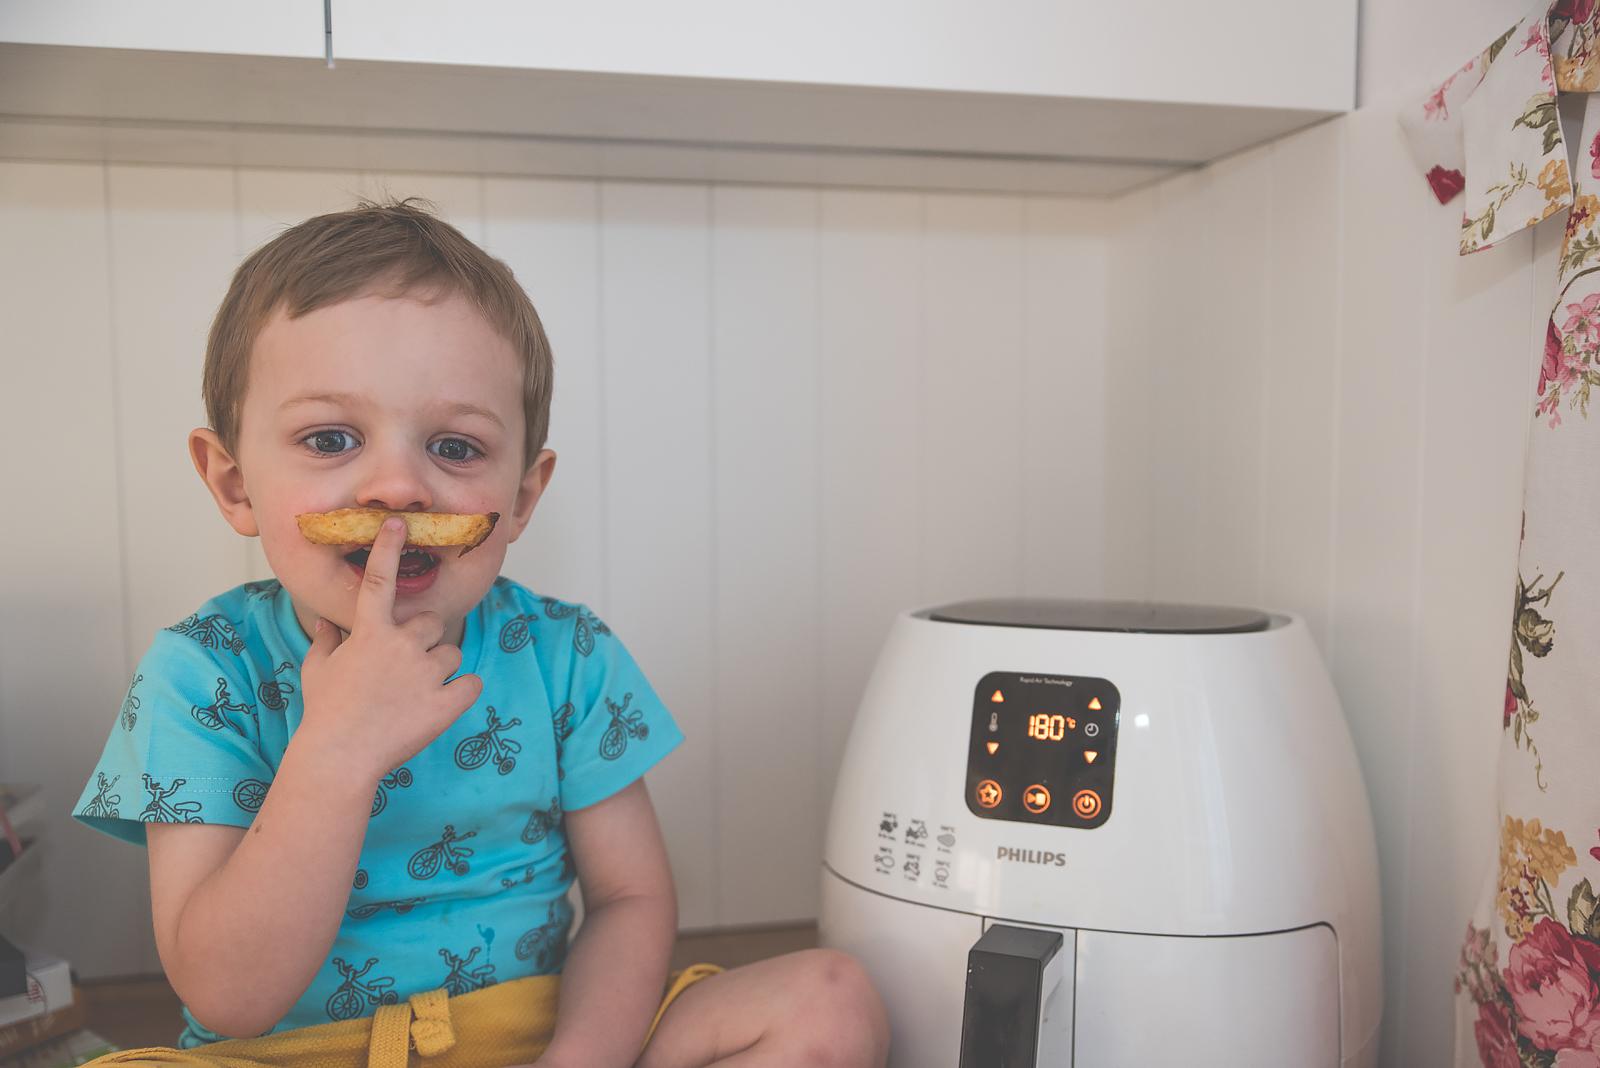 Philips Airfryer Przepisy Test Bakusiowo Domowe Frytki KFC w domu00041